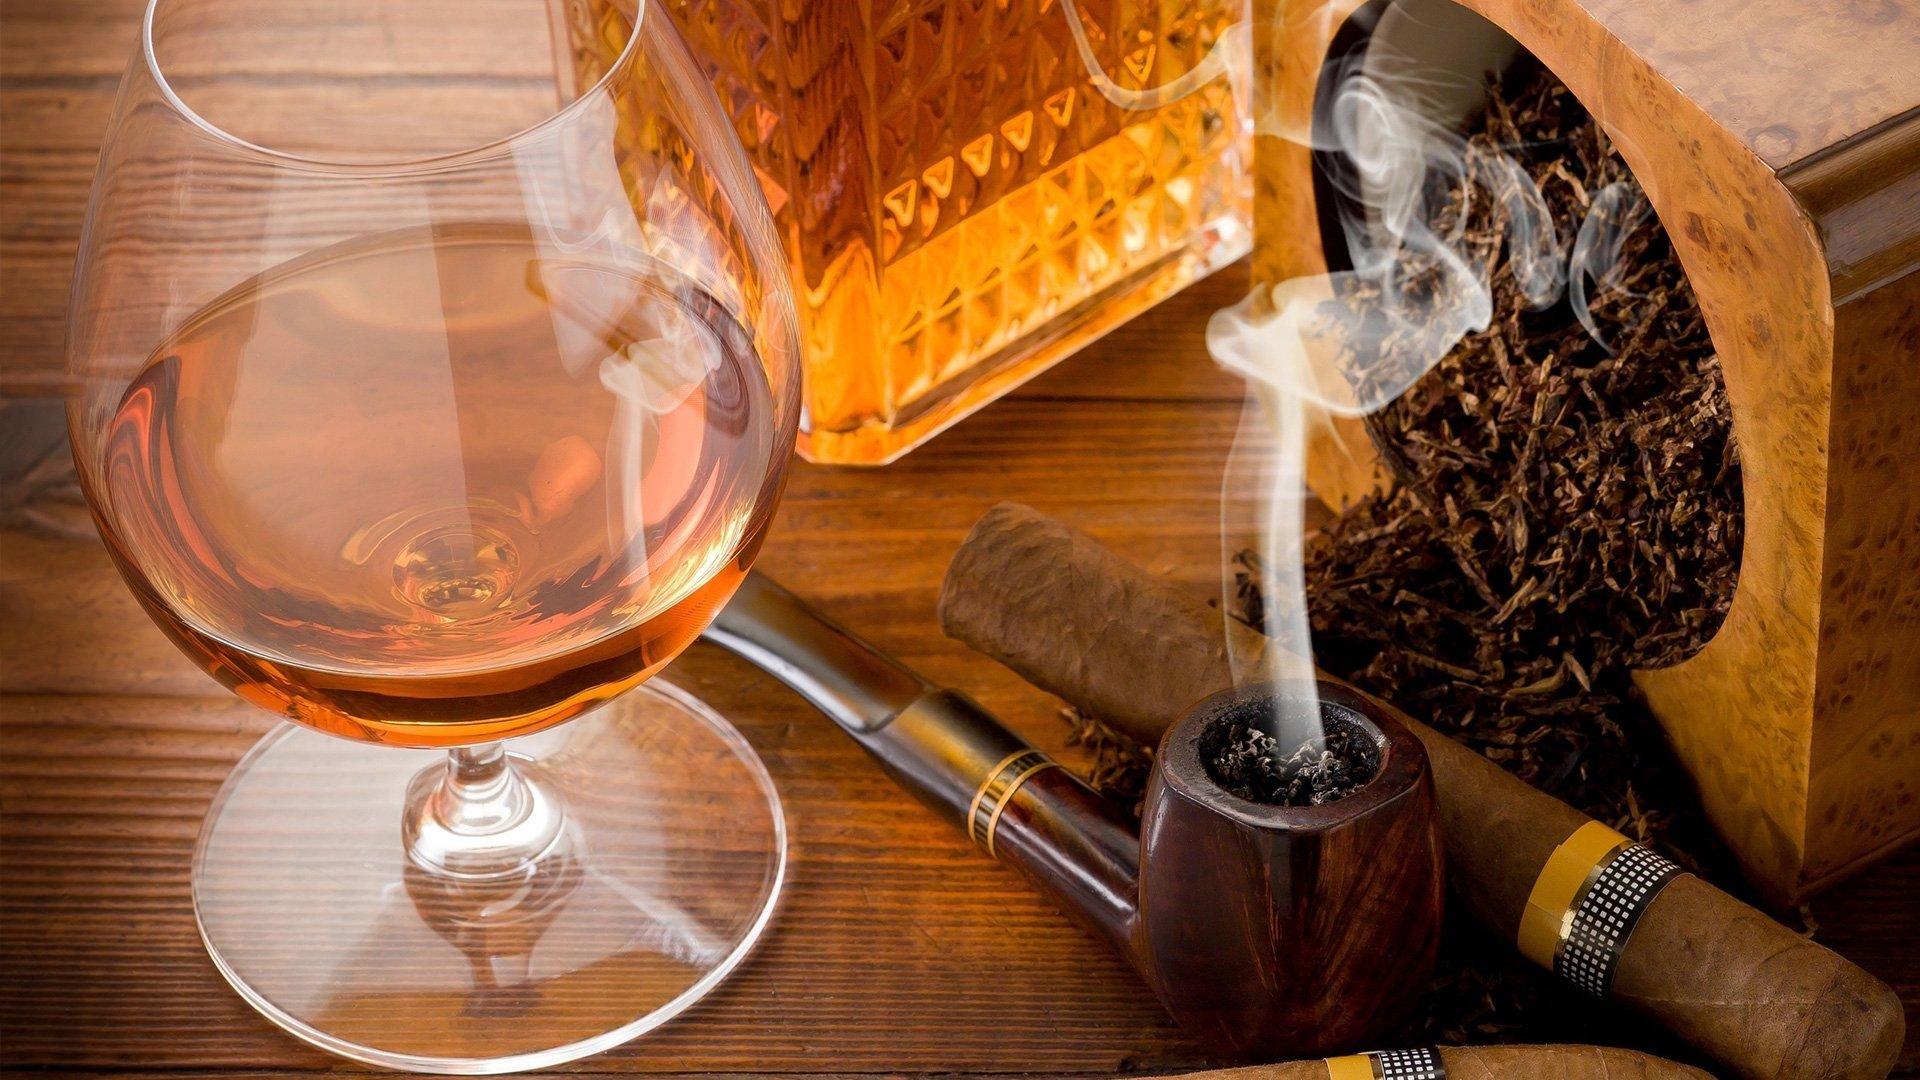 Табачные изделия саратов купить сигареты manitou